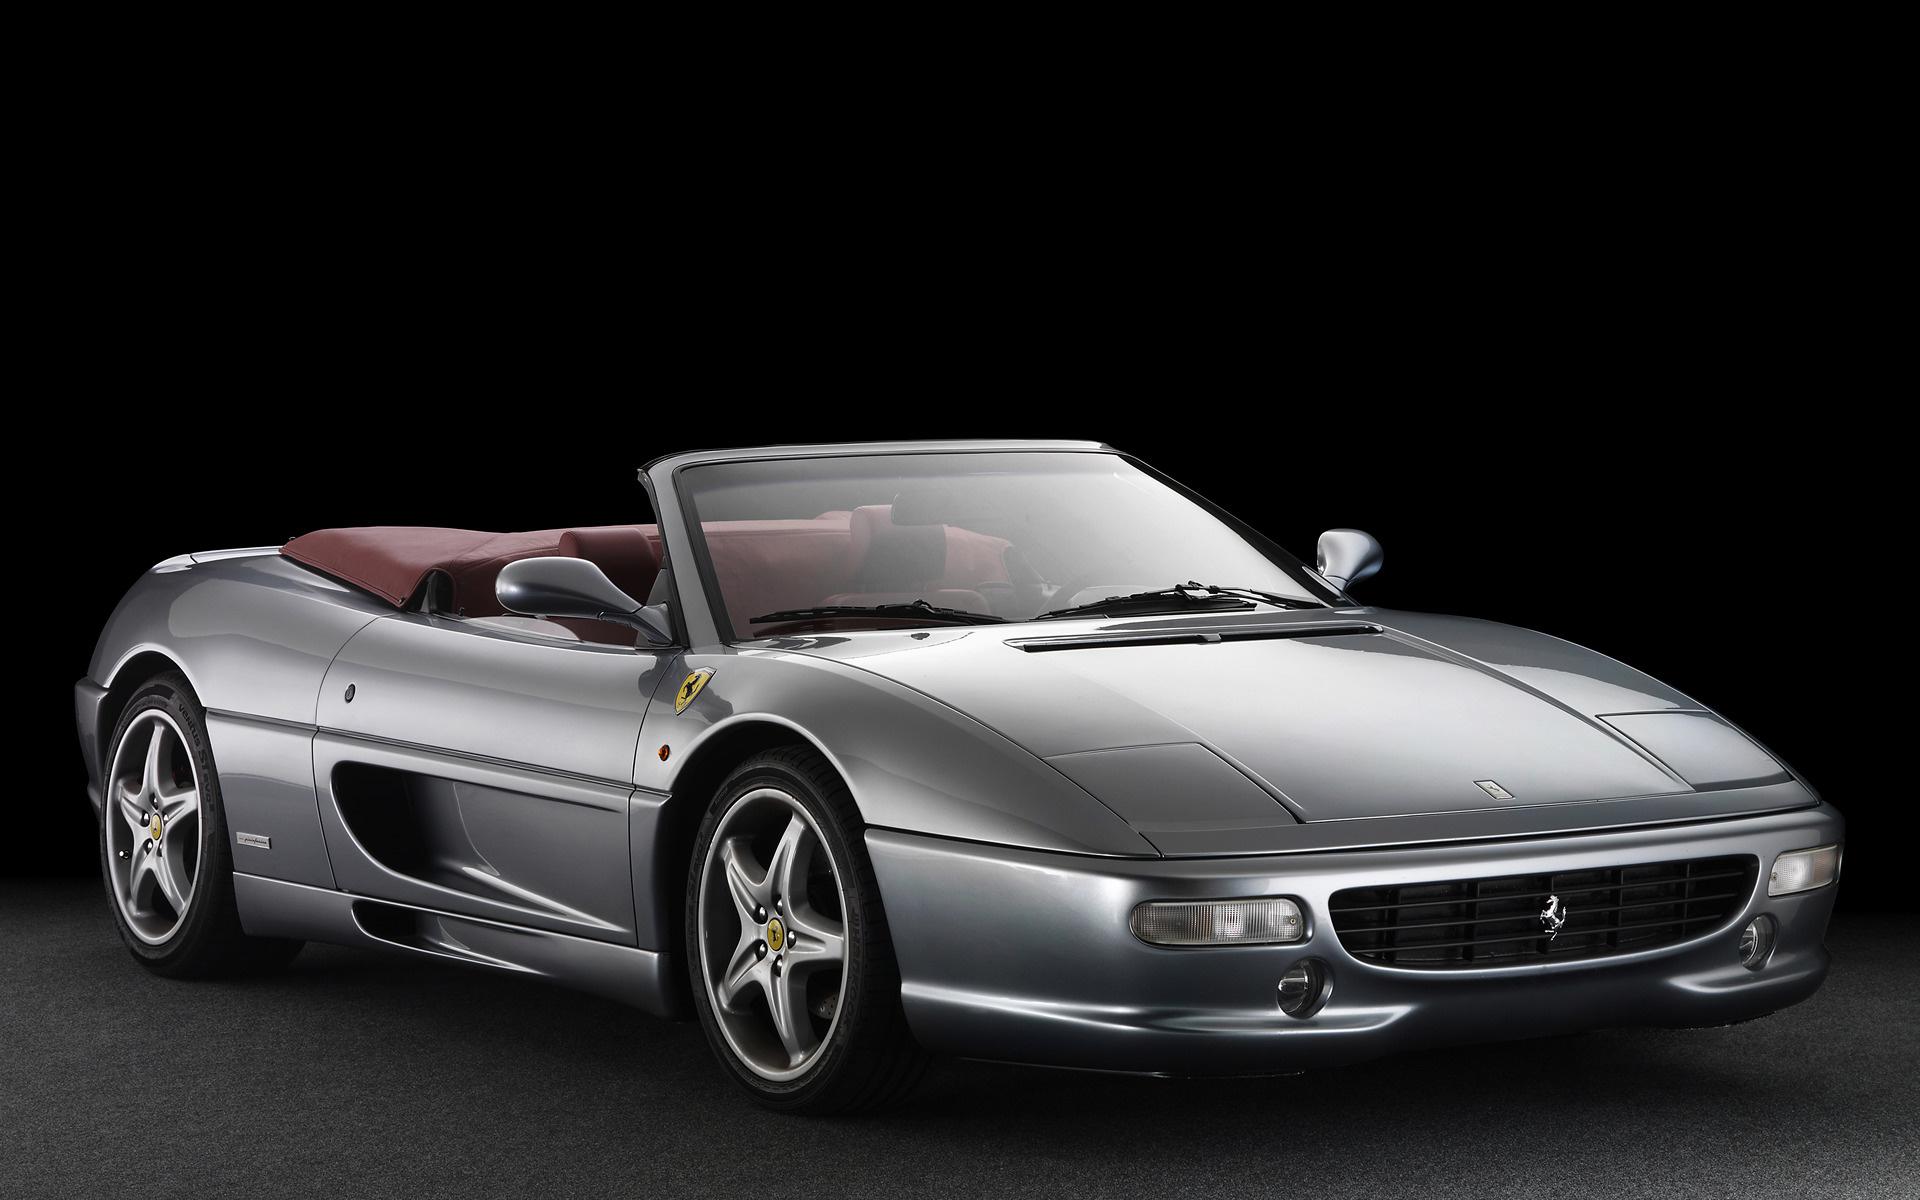 1999 Ferrari F355 Spider Serie Fiorano Hintergrundbilder Und Wallpaper In Hd Car Pixel